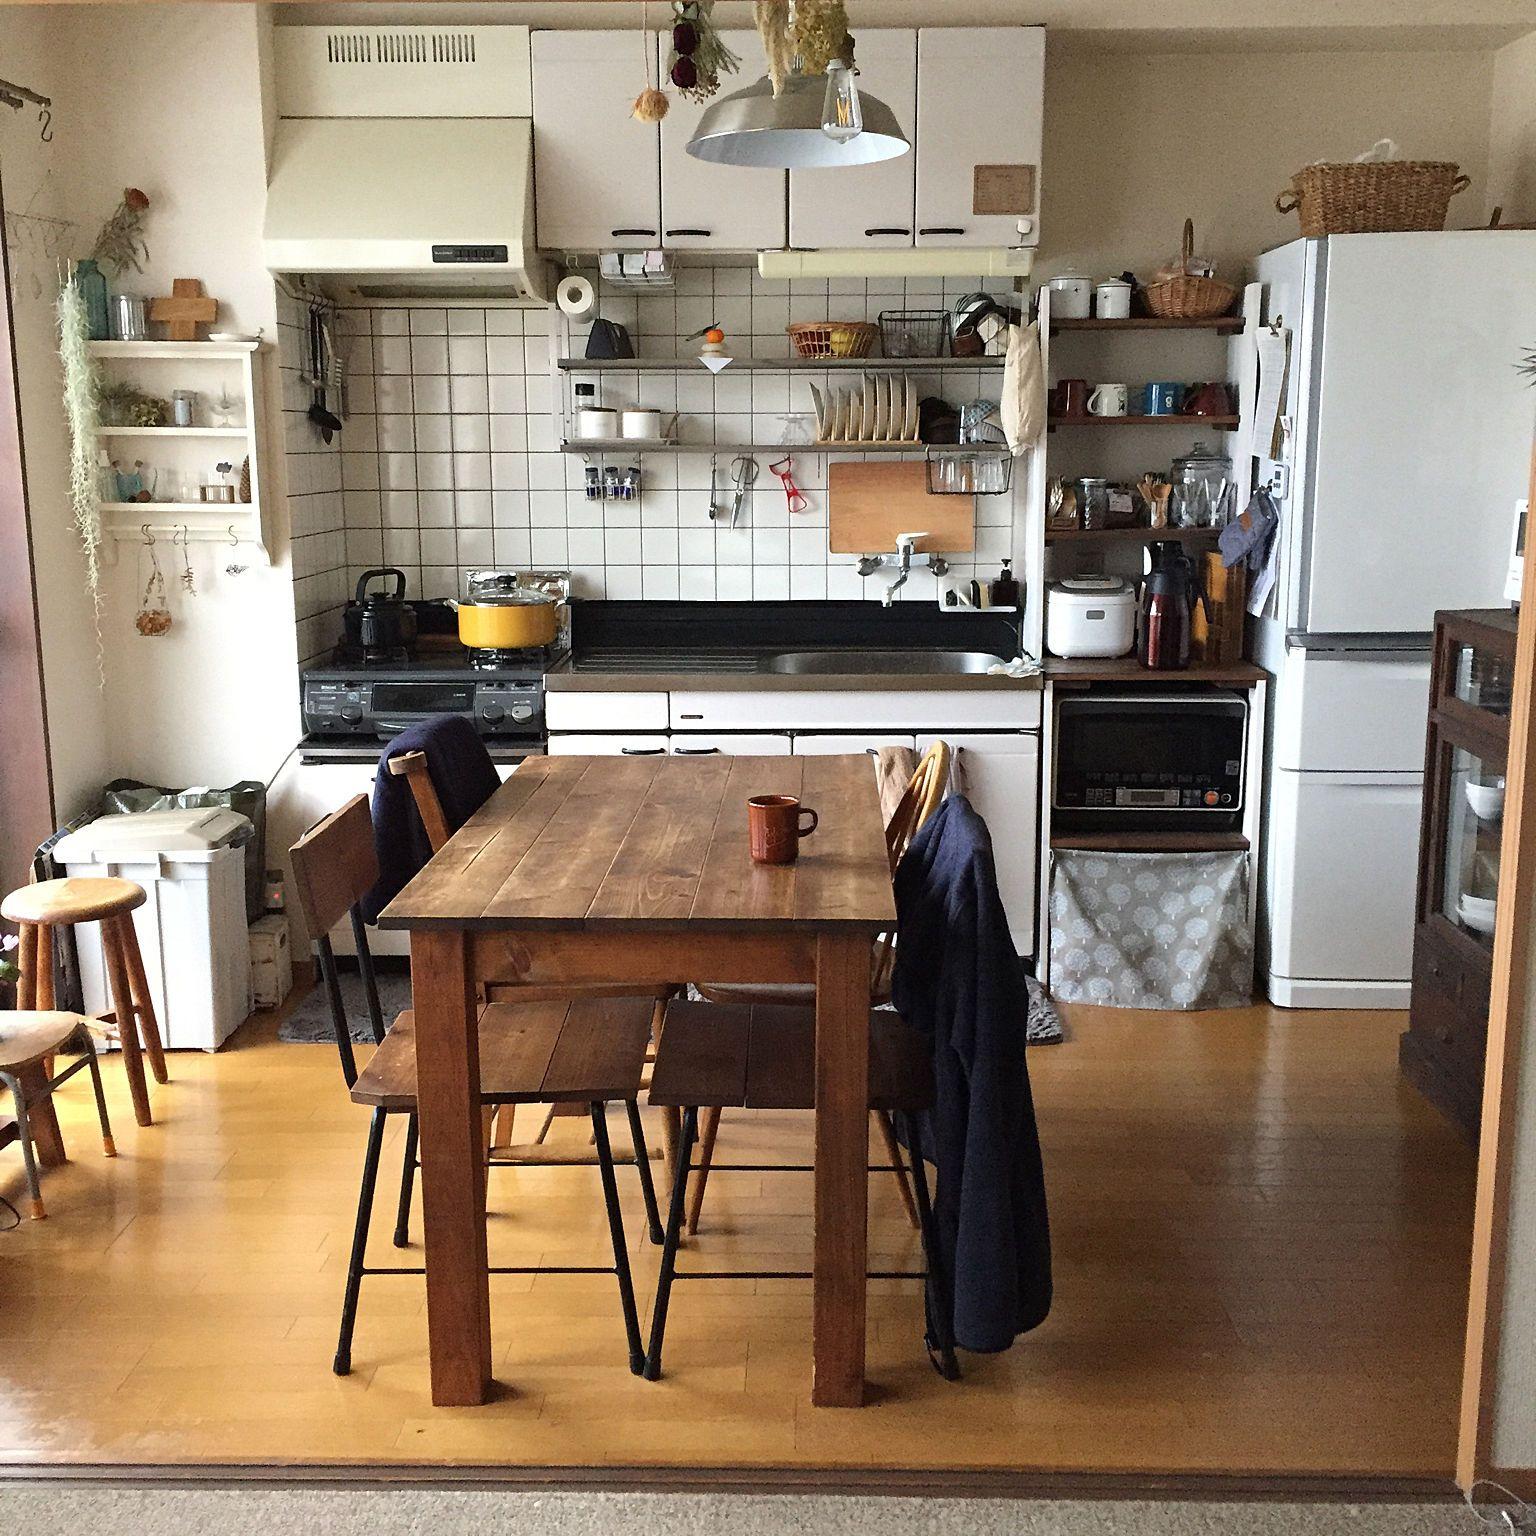 キッチン 吊り棚 賃貸インテリア 賃貸暮らし 鏡もち などのインテリア実例 2017 12 30 08